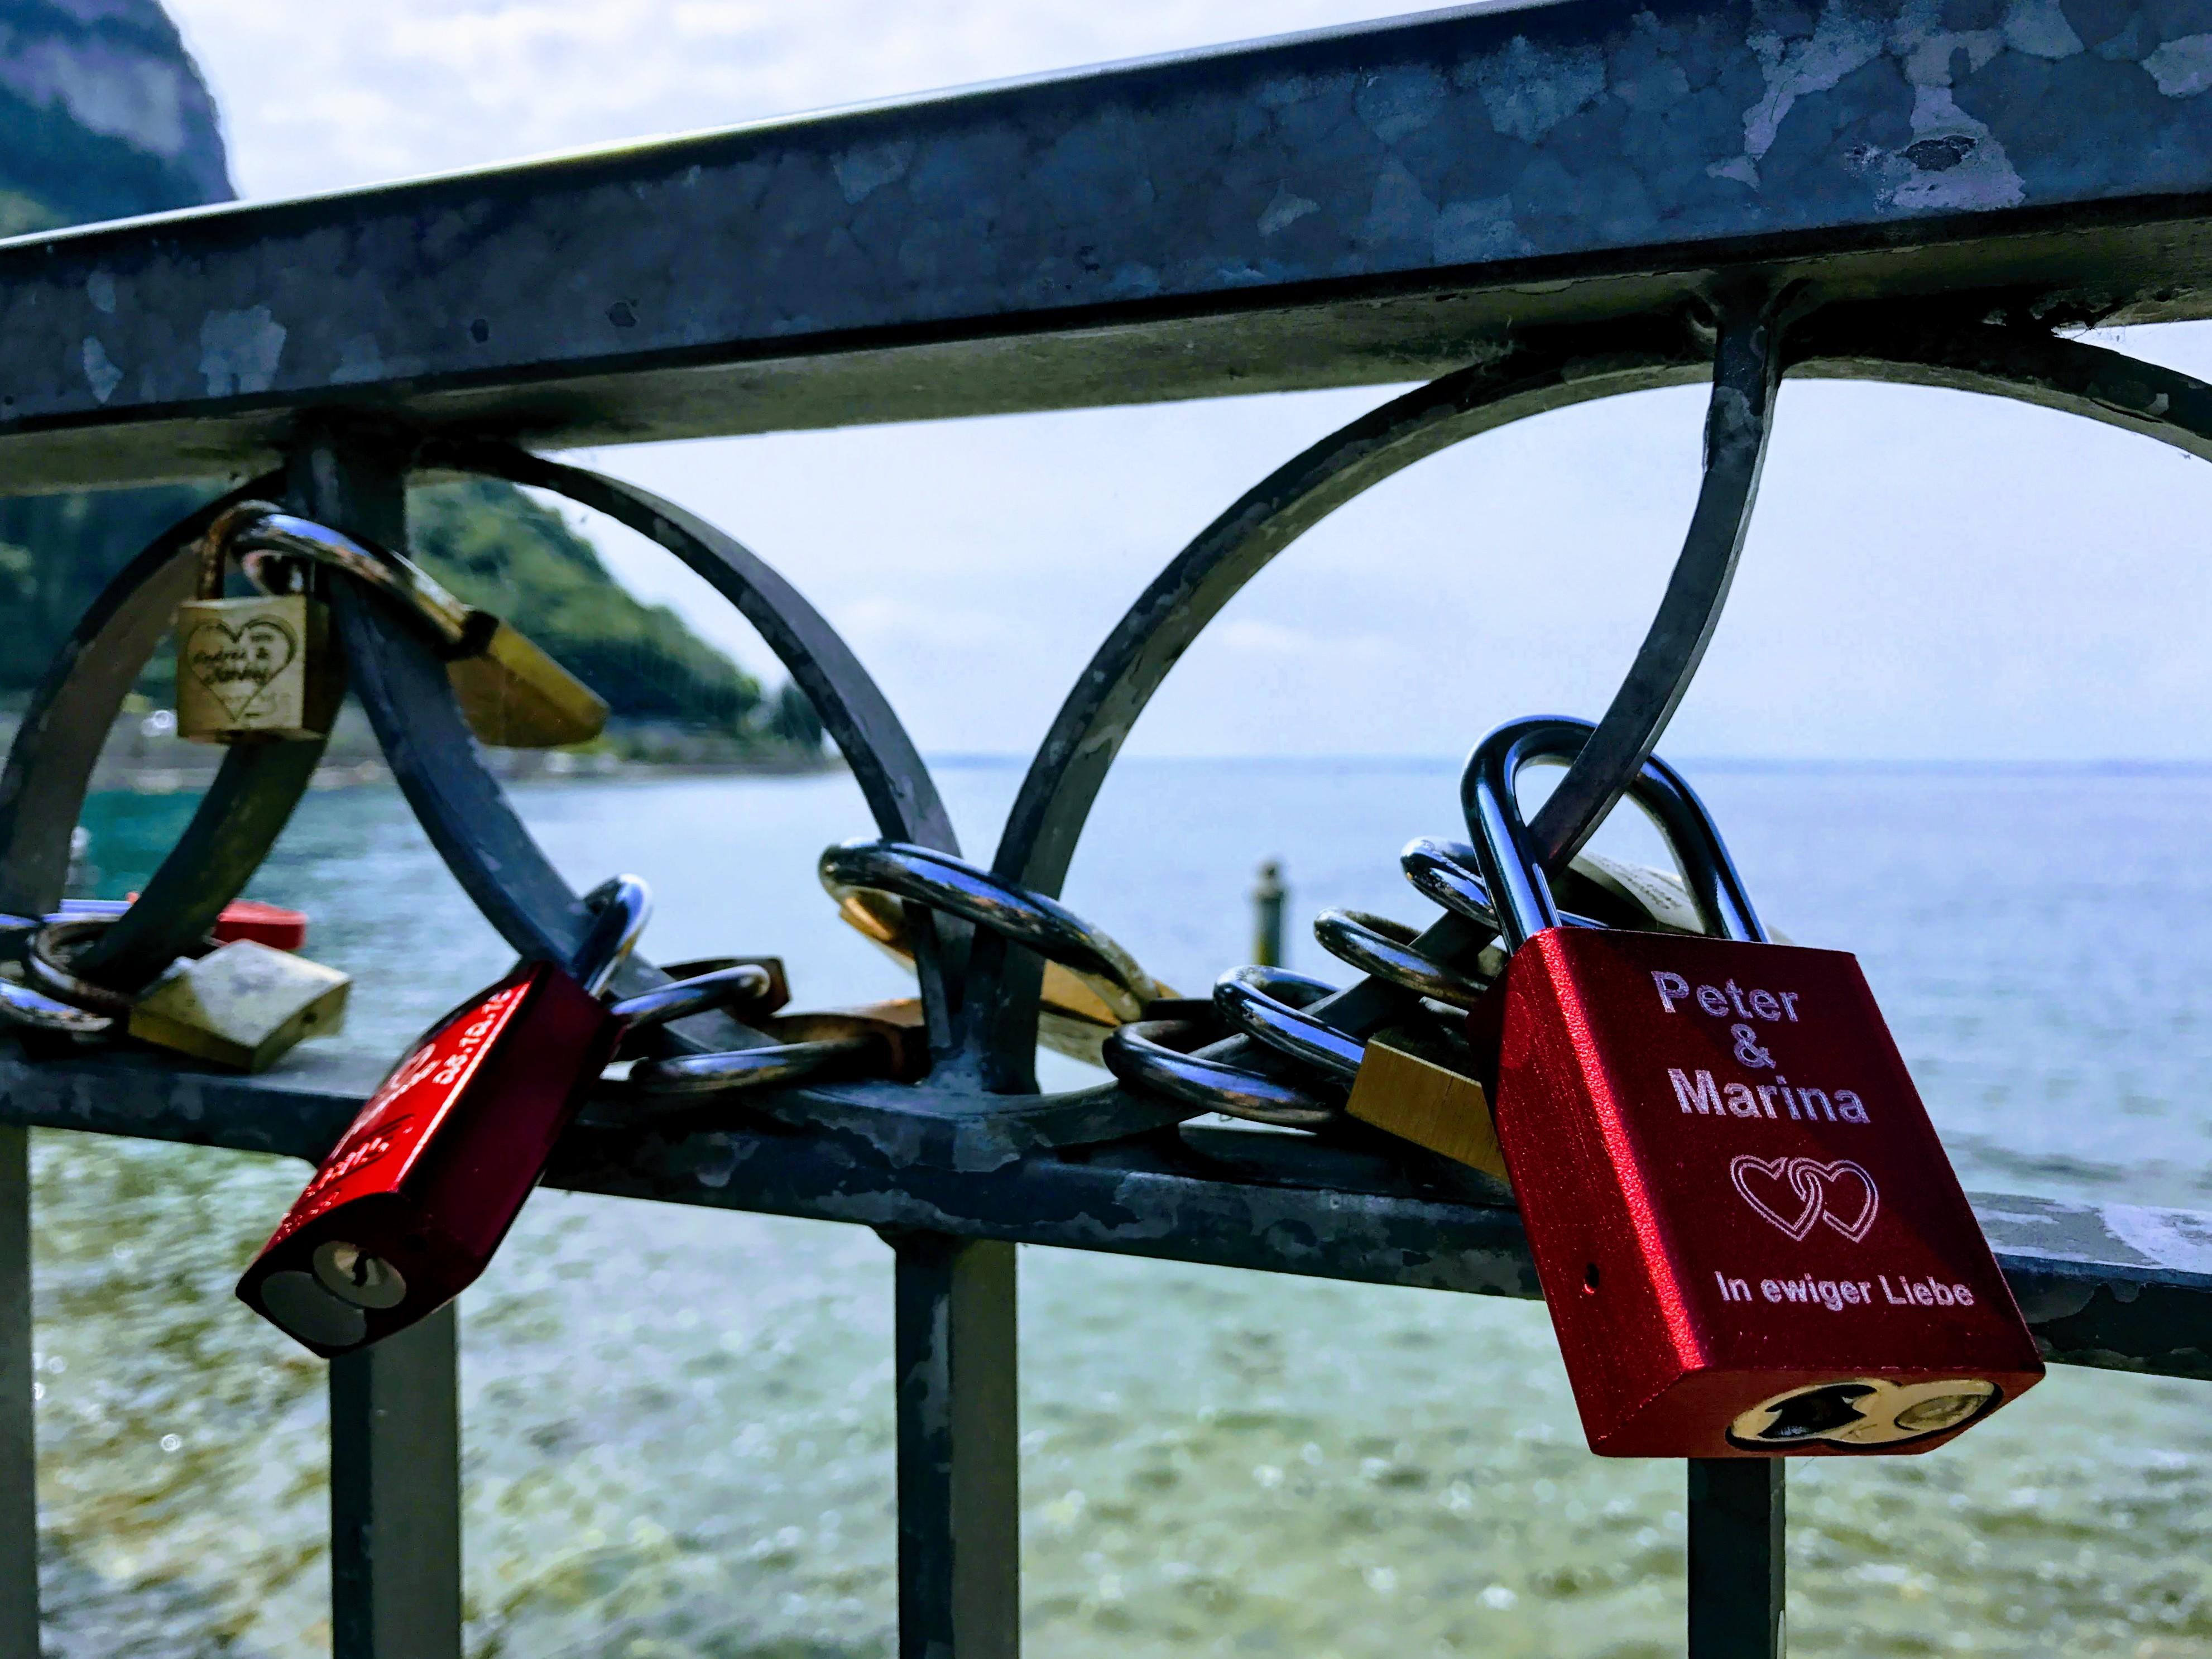 Slotjes brug liefde Garda